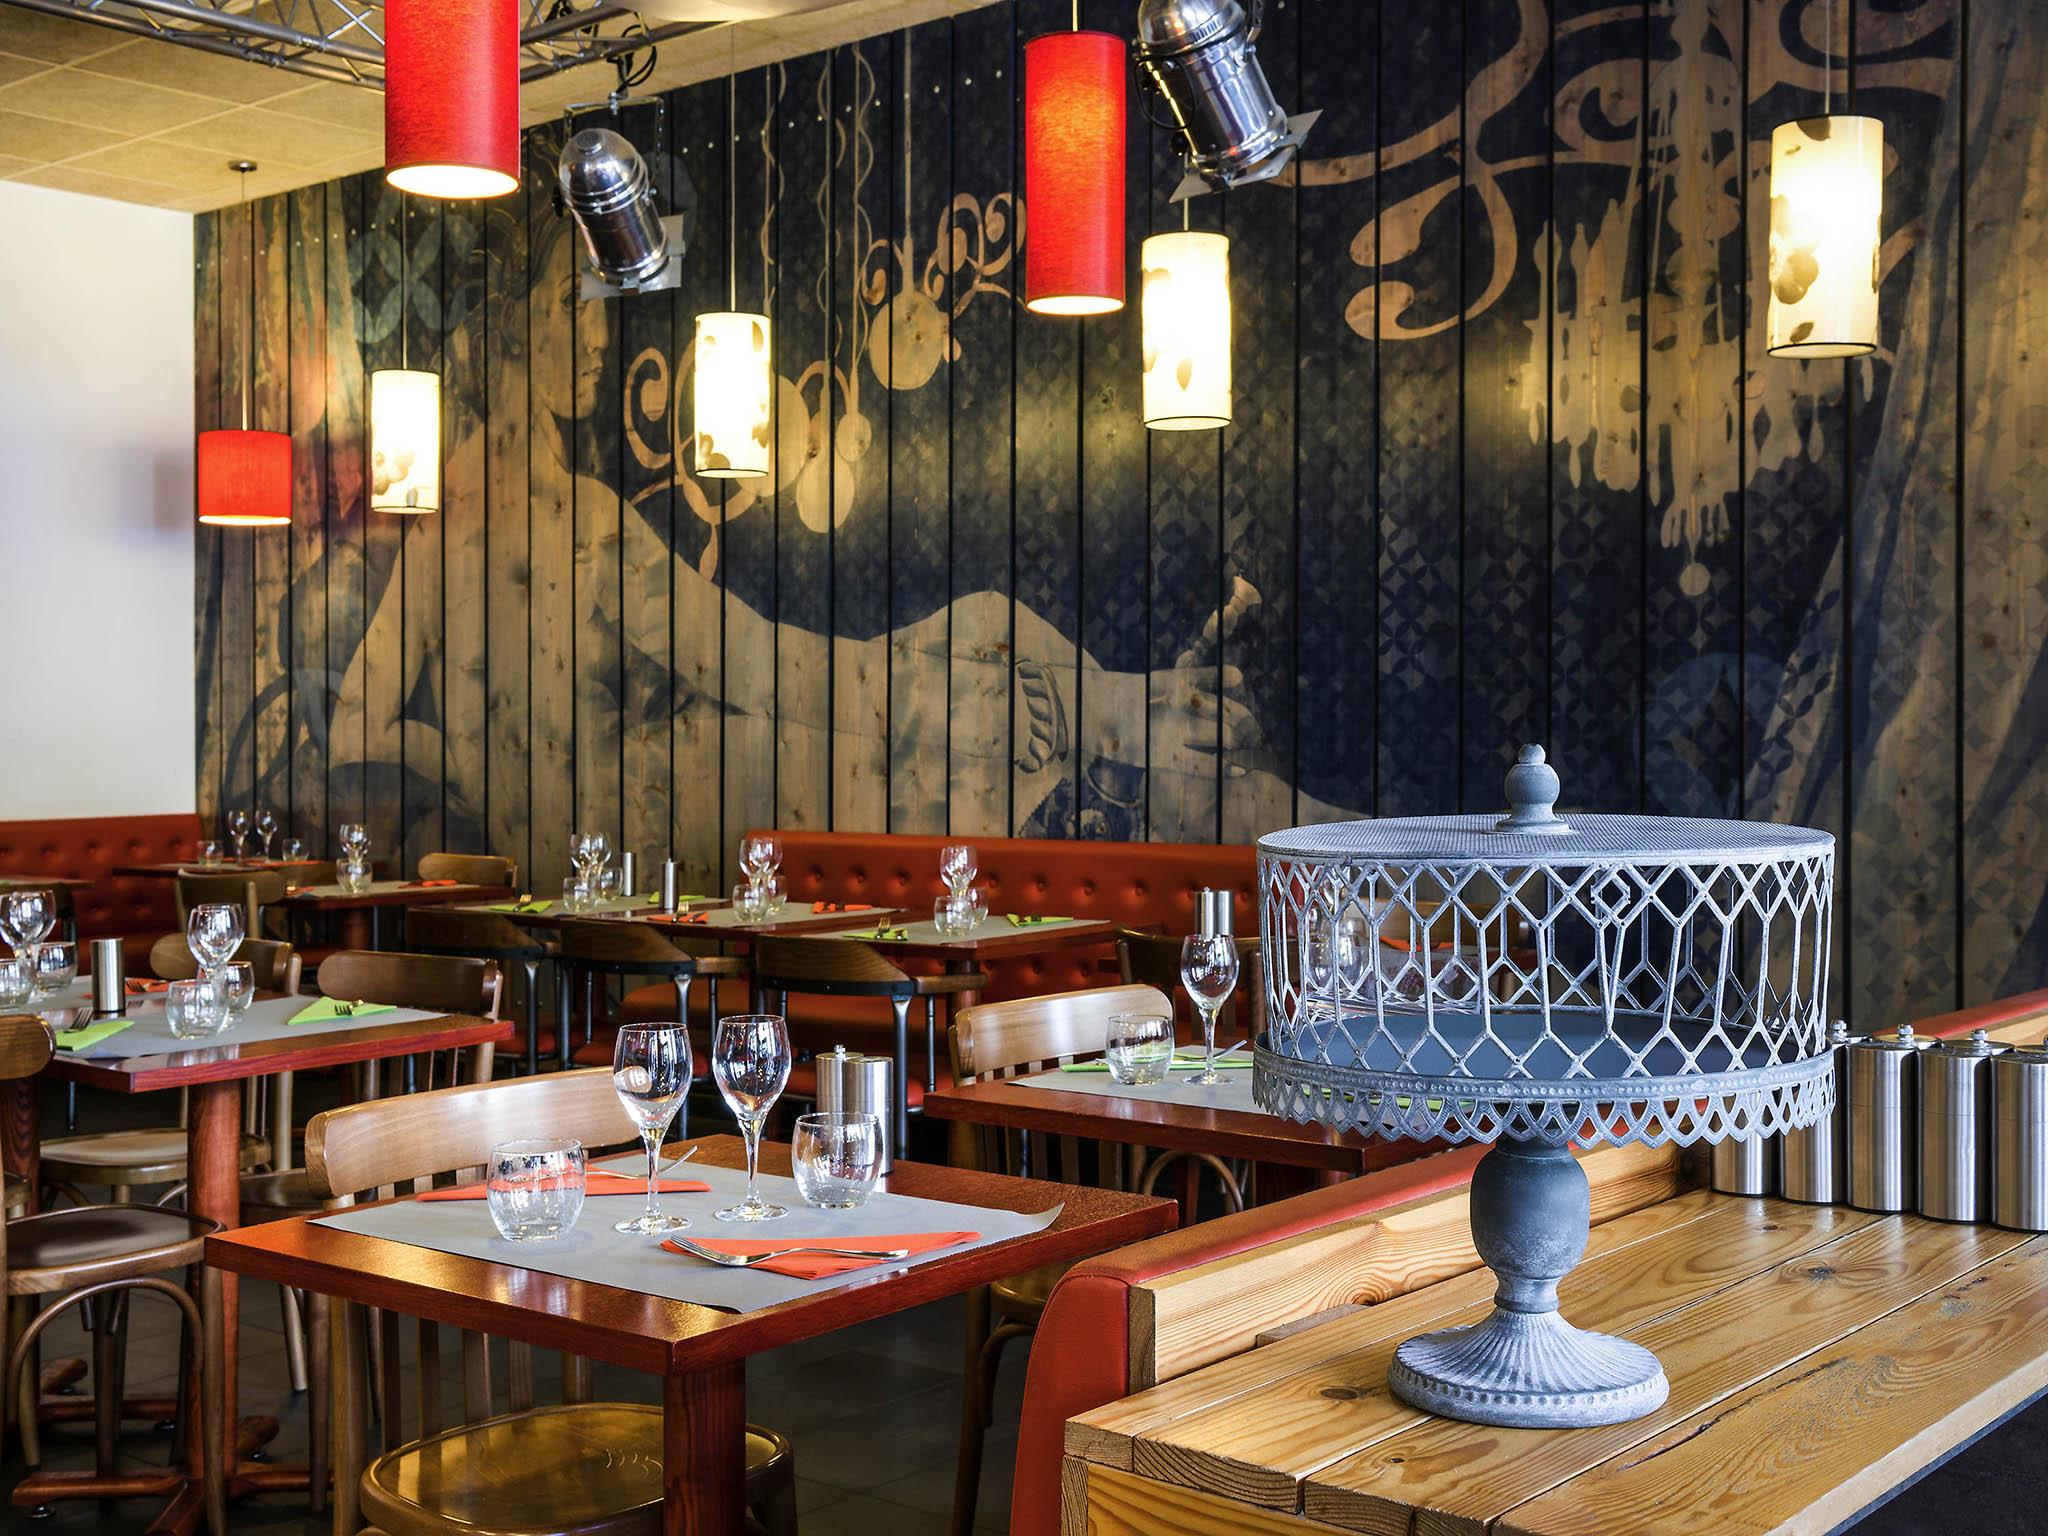 Hotel in lyon ibis styles lyon centre gare part dieu